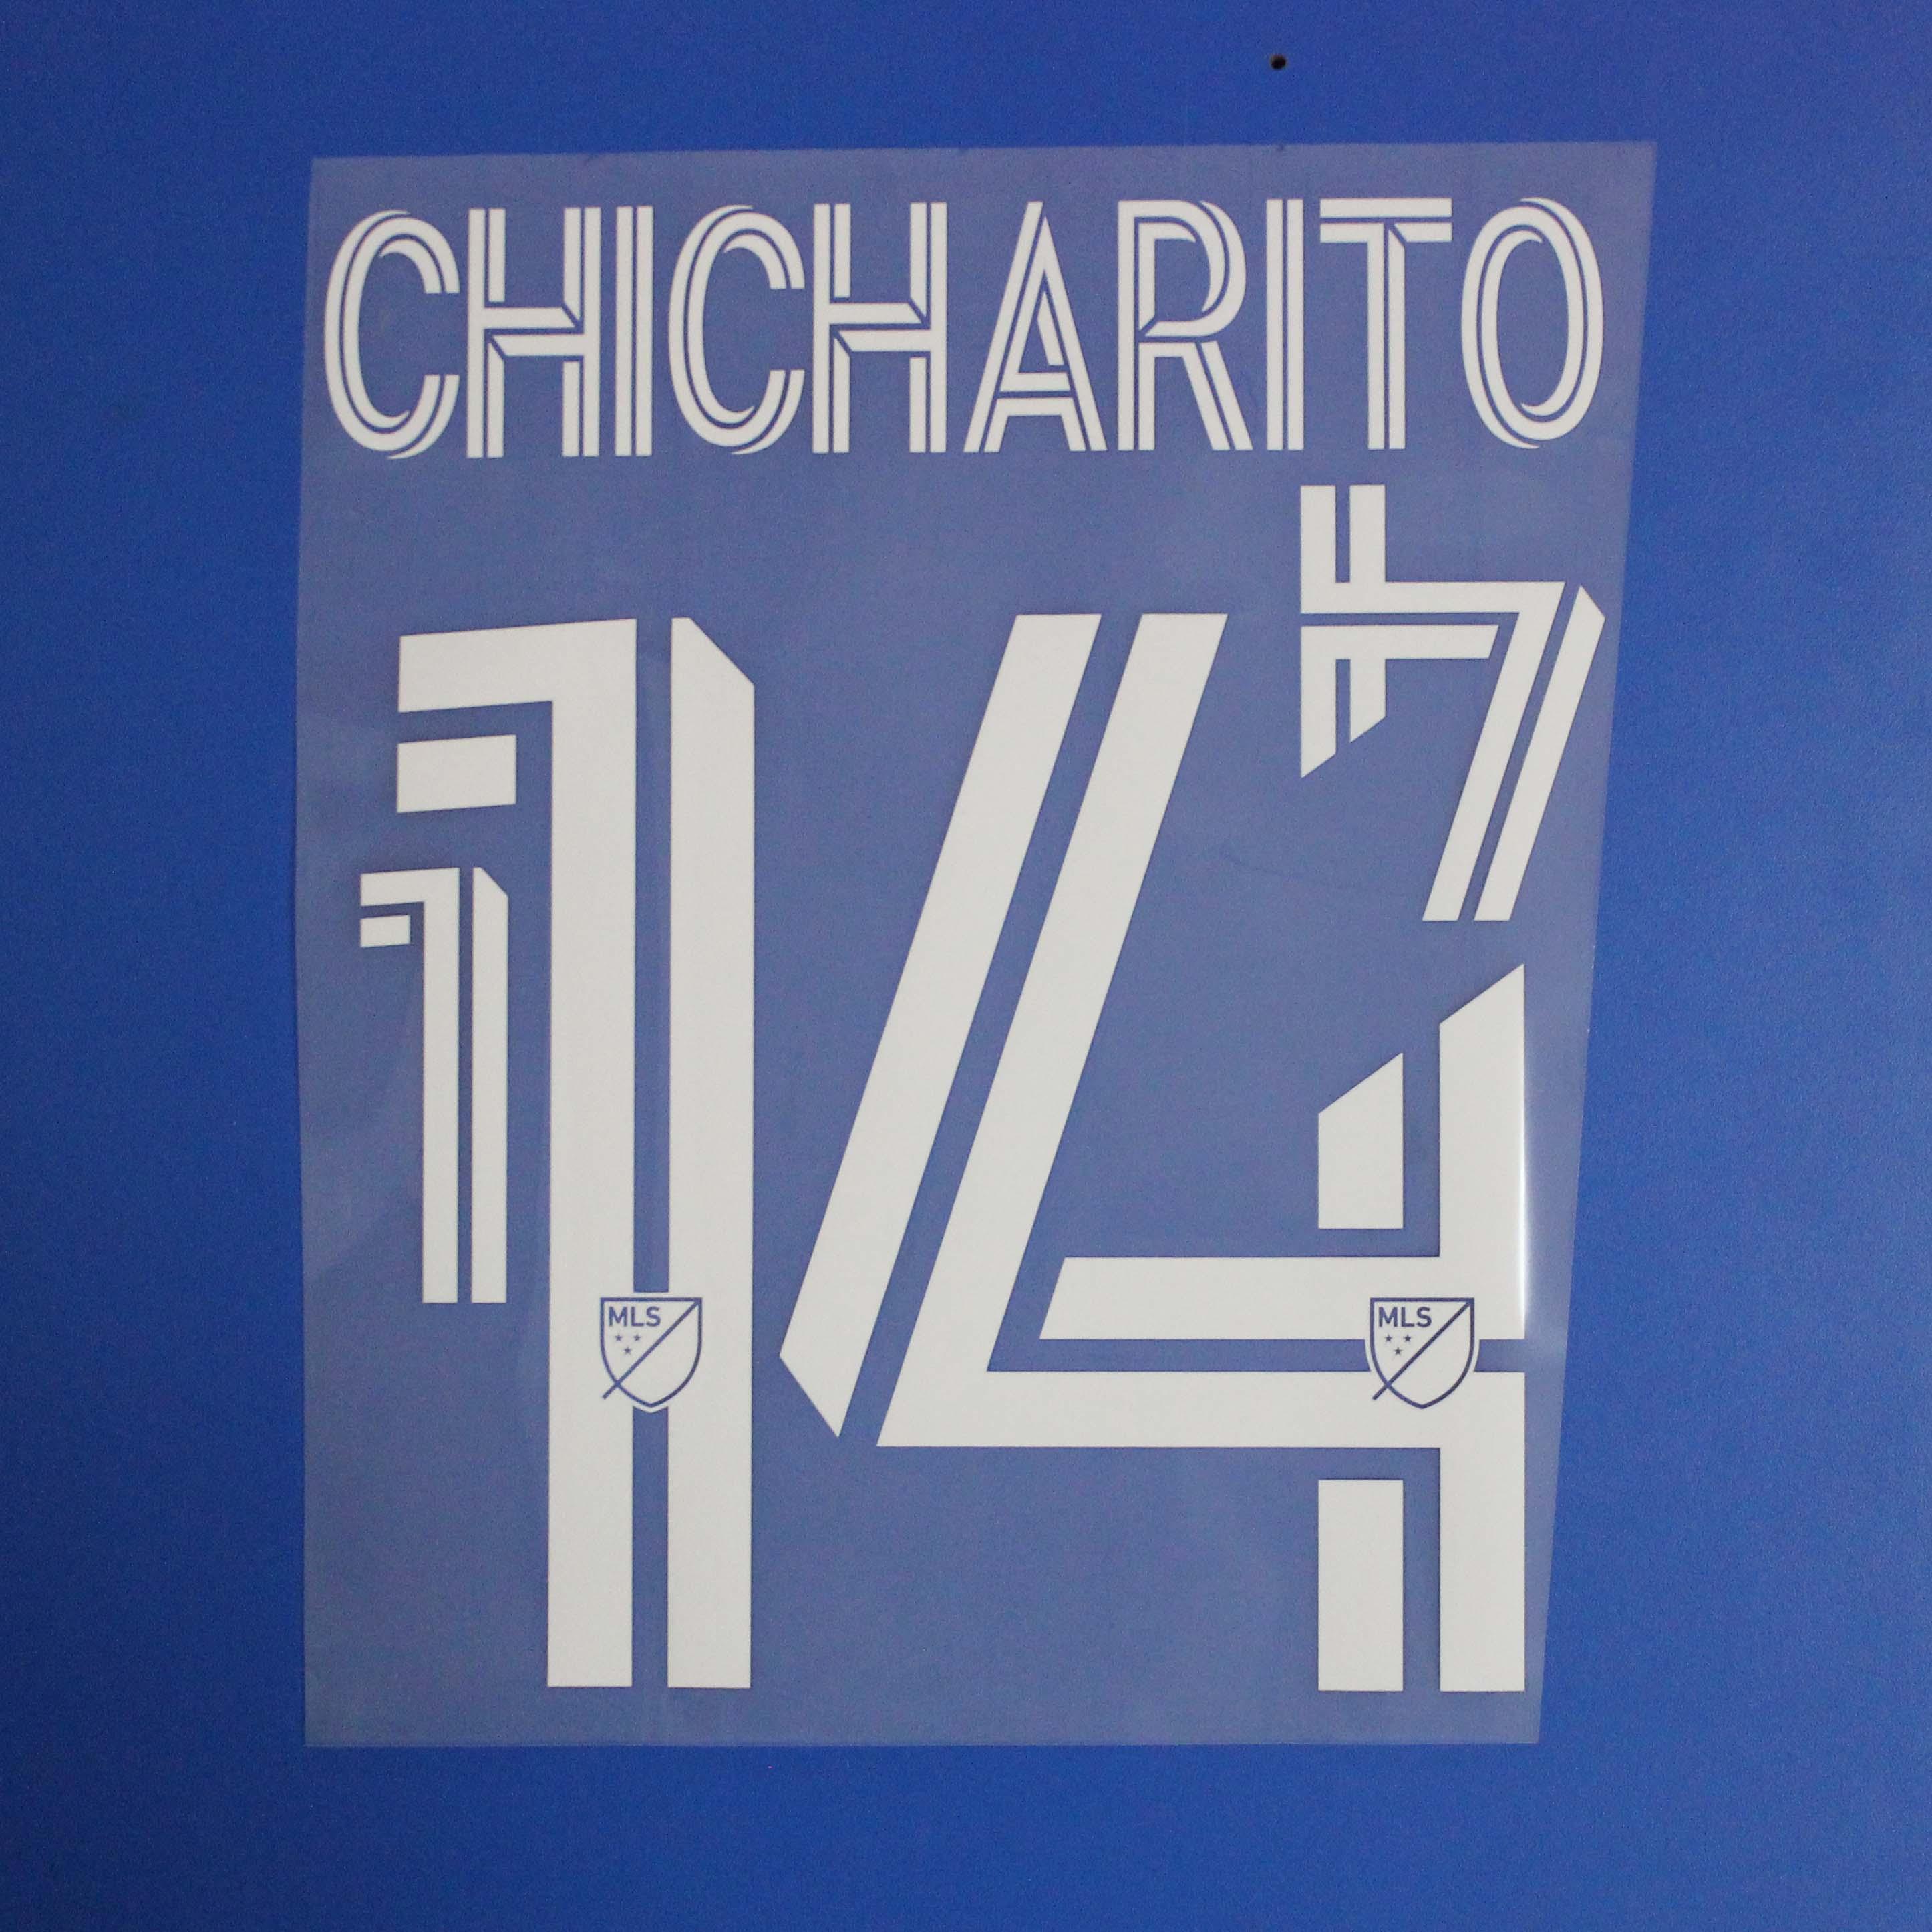 2020-21 Binbaşı lig LA Galaxy futbol Nameset özelleştirme adı A-Z Numarası 0-9 Baskı Futbol Oyuncu yazı Chicharito nameset